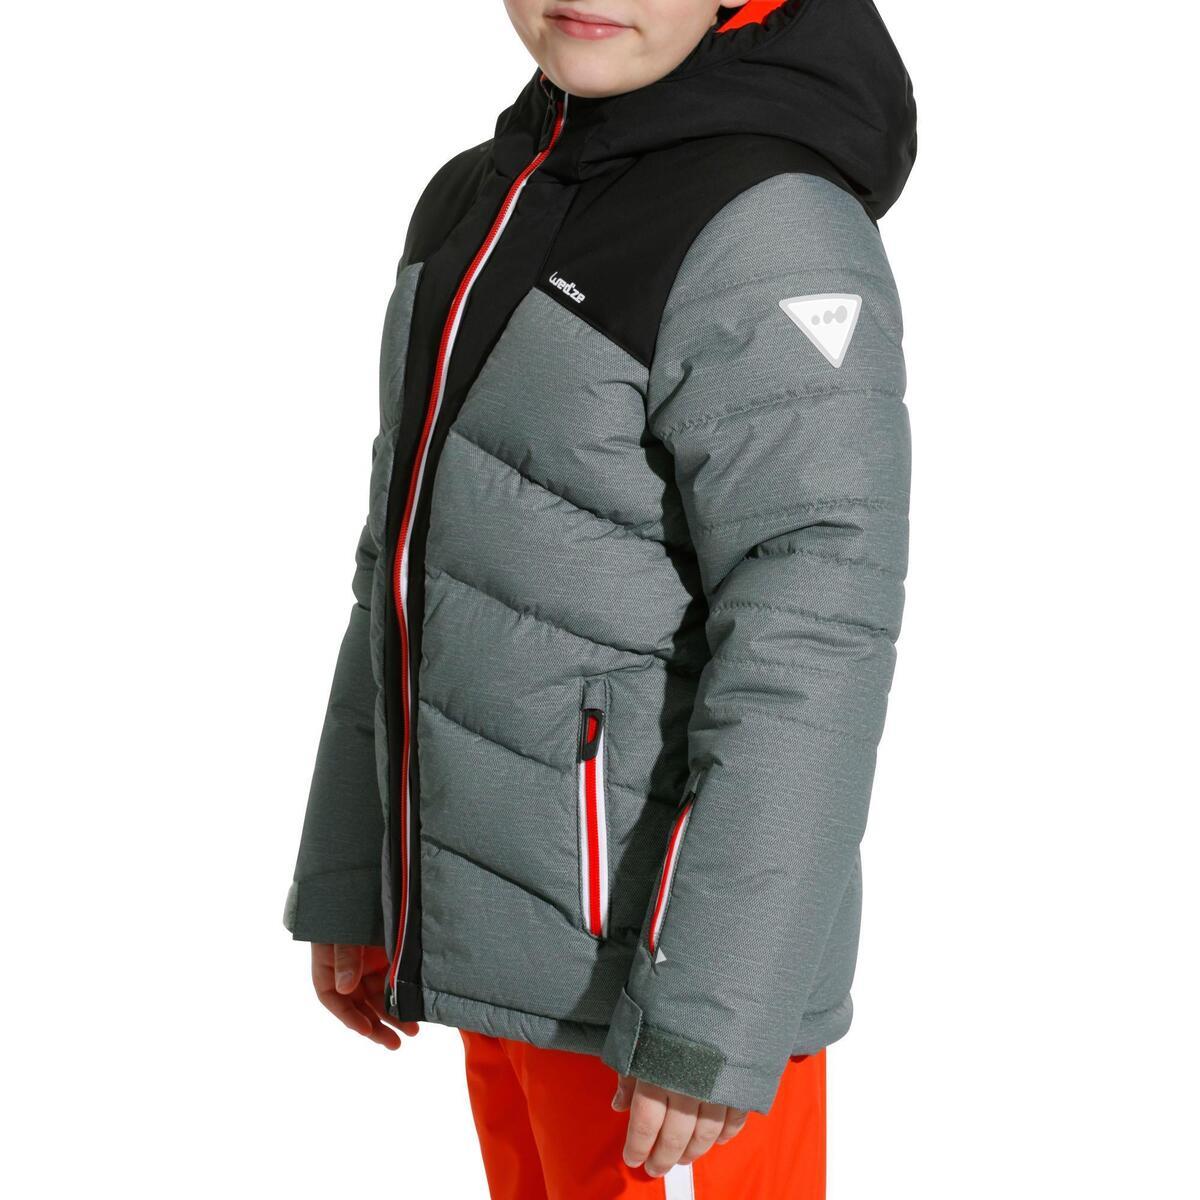 Bild 5 von Skijacke Warm 500 Kinder grau/schwarz